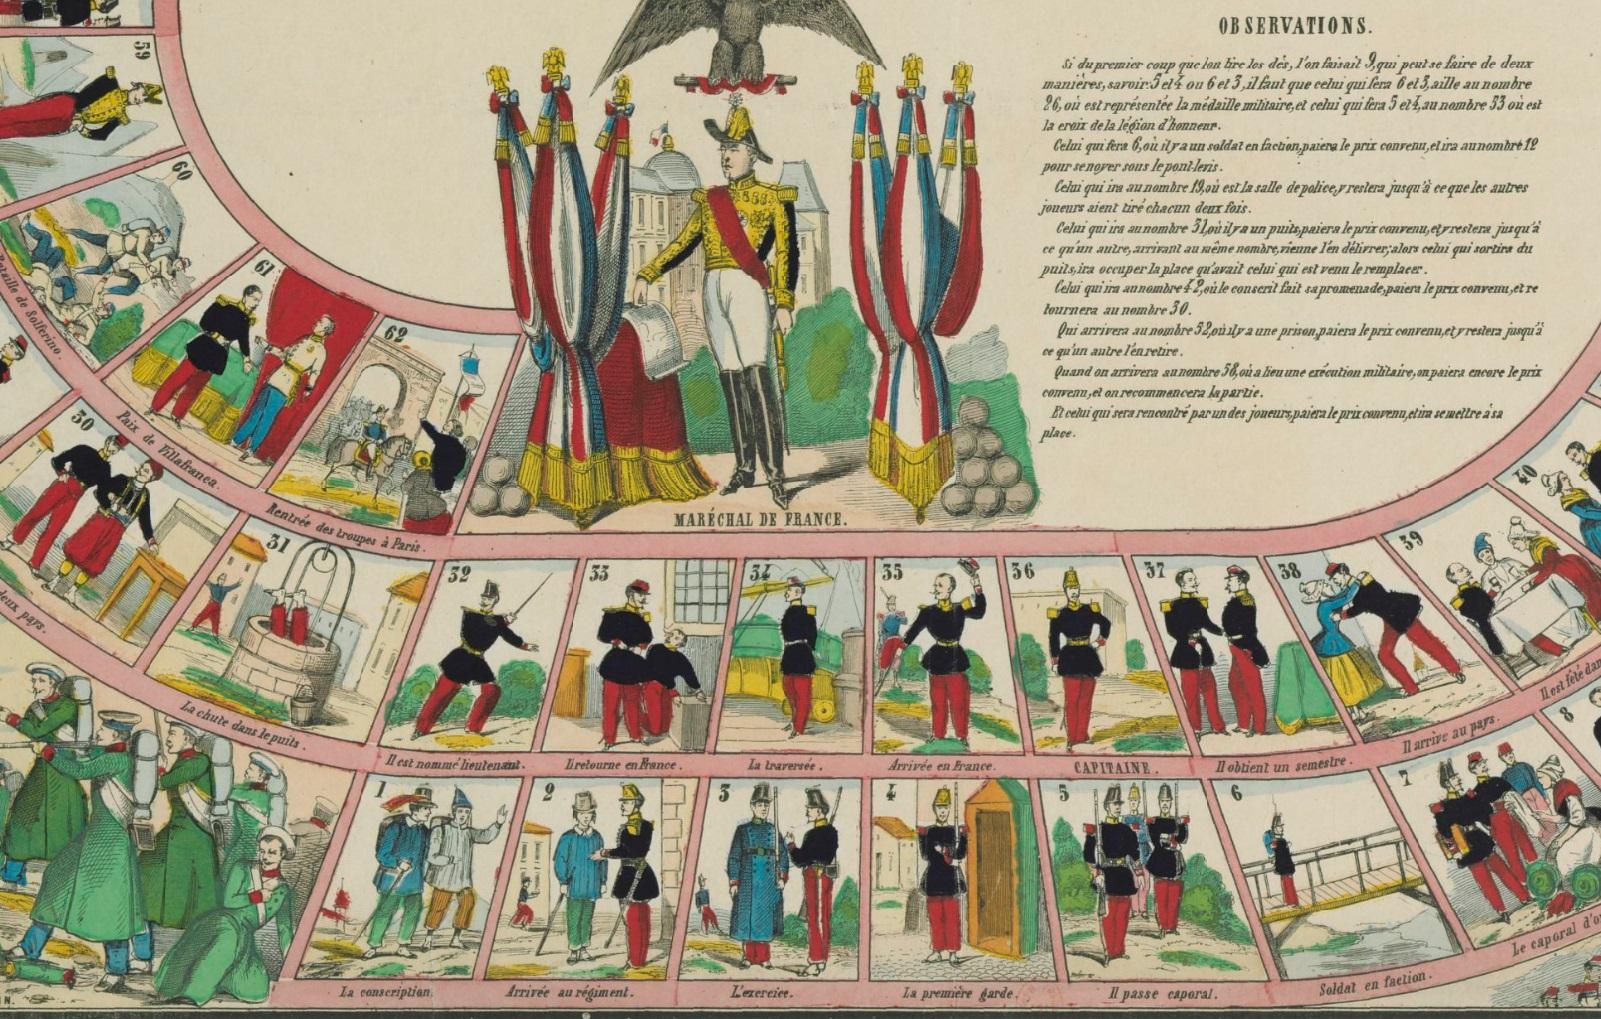 1860-jeu-du-conscrit-det1.jpg